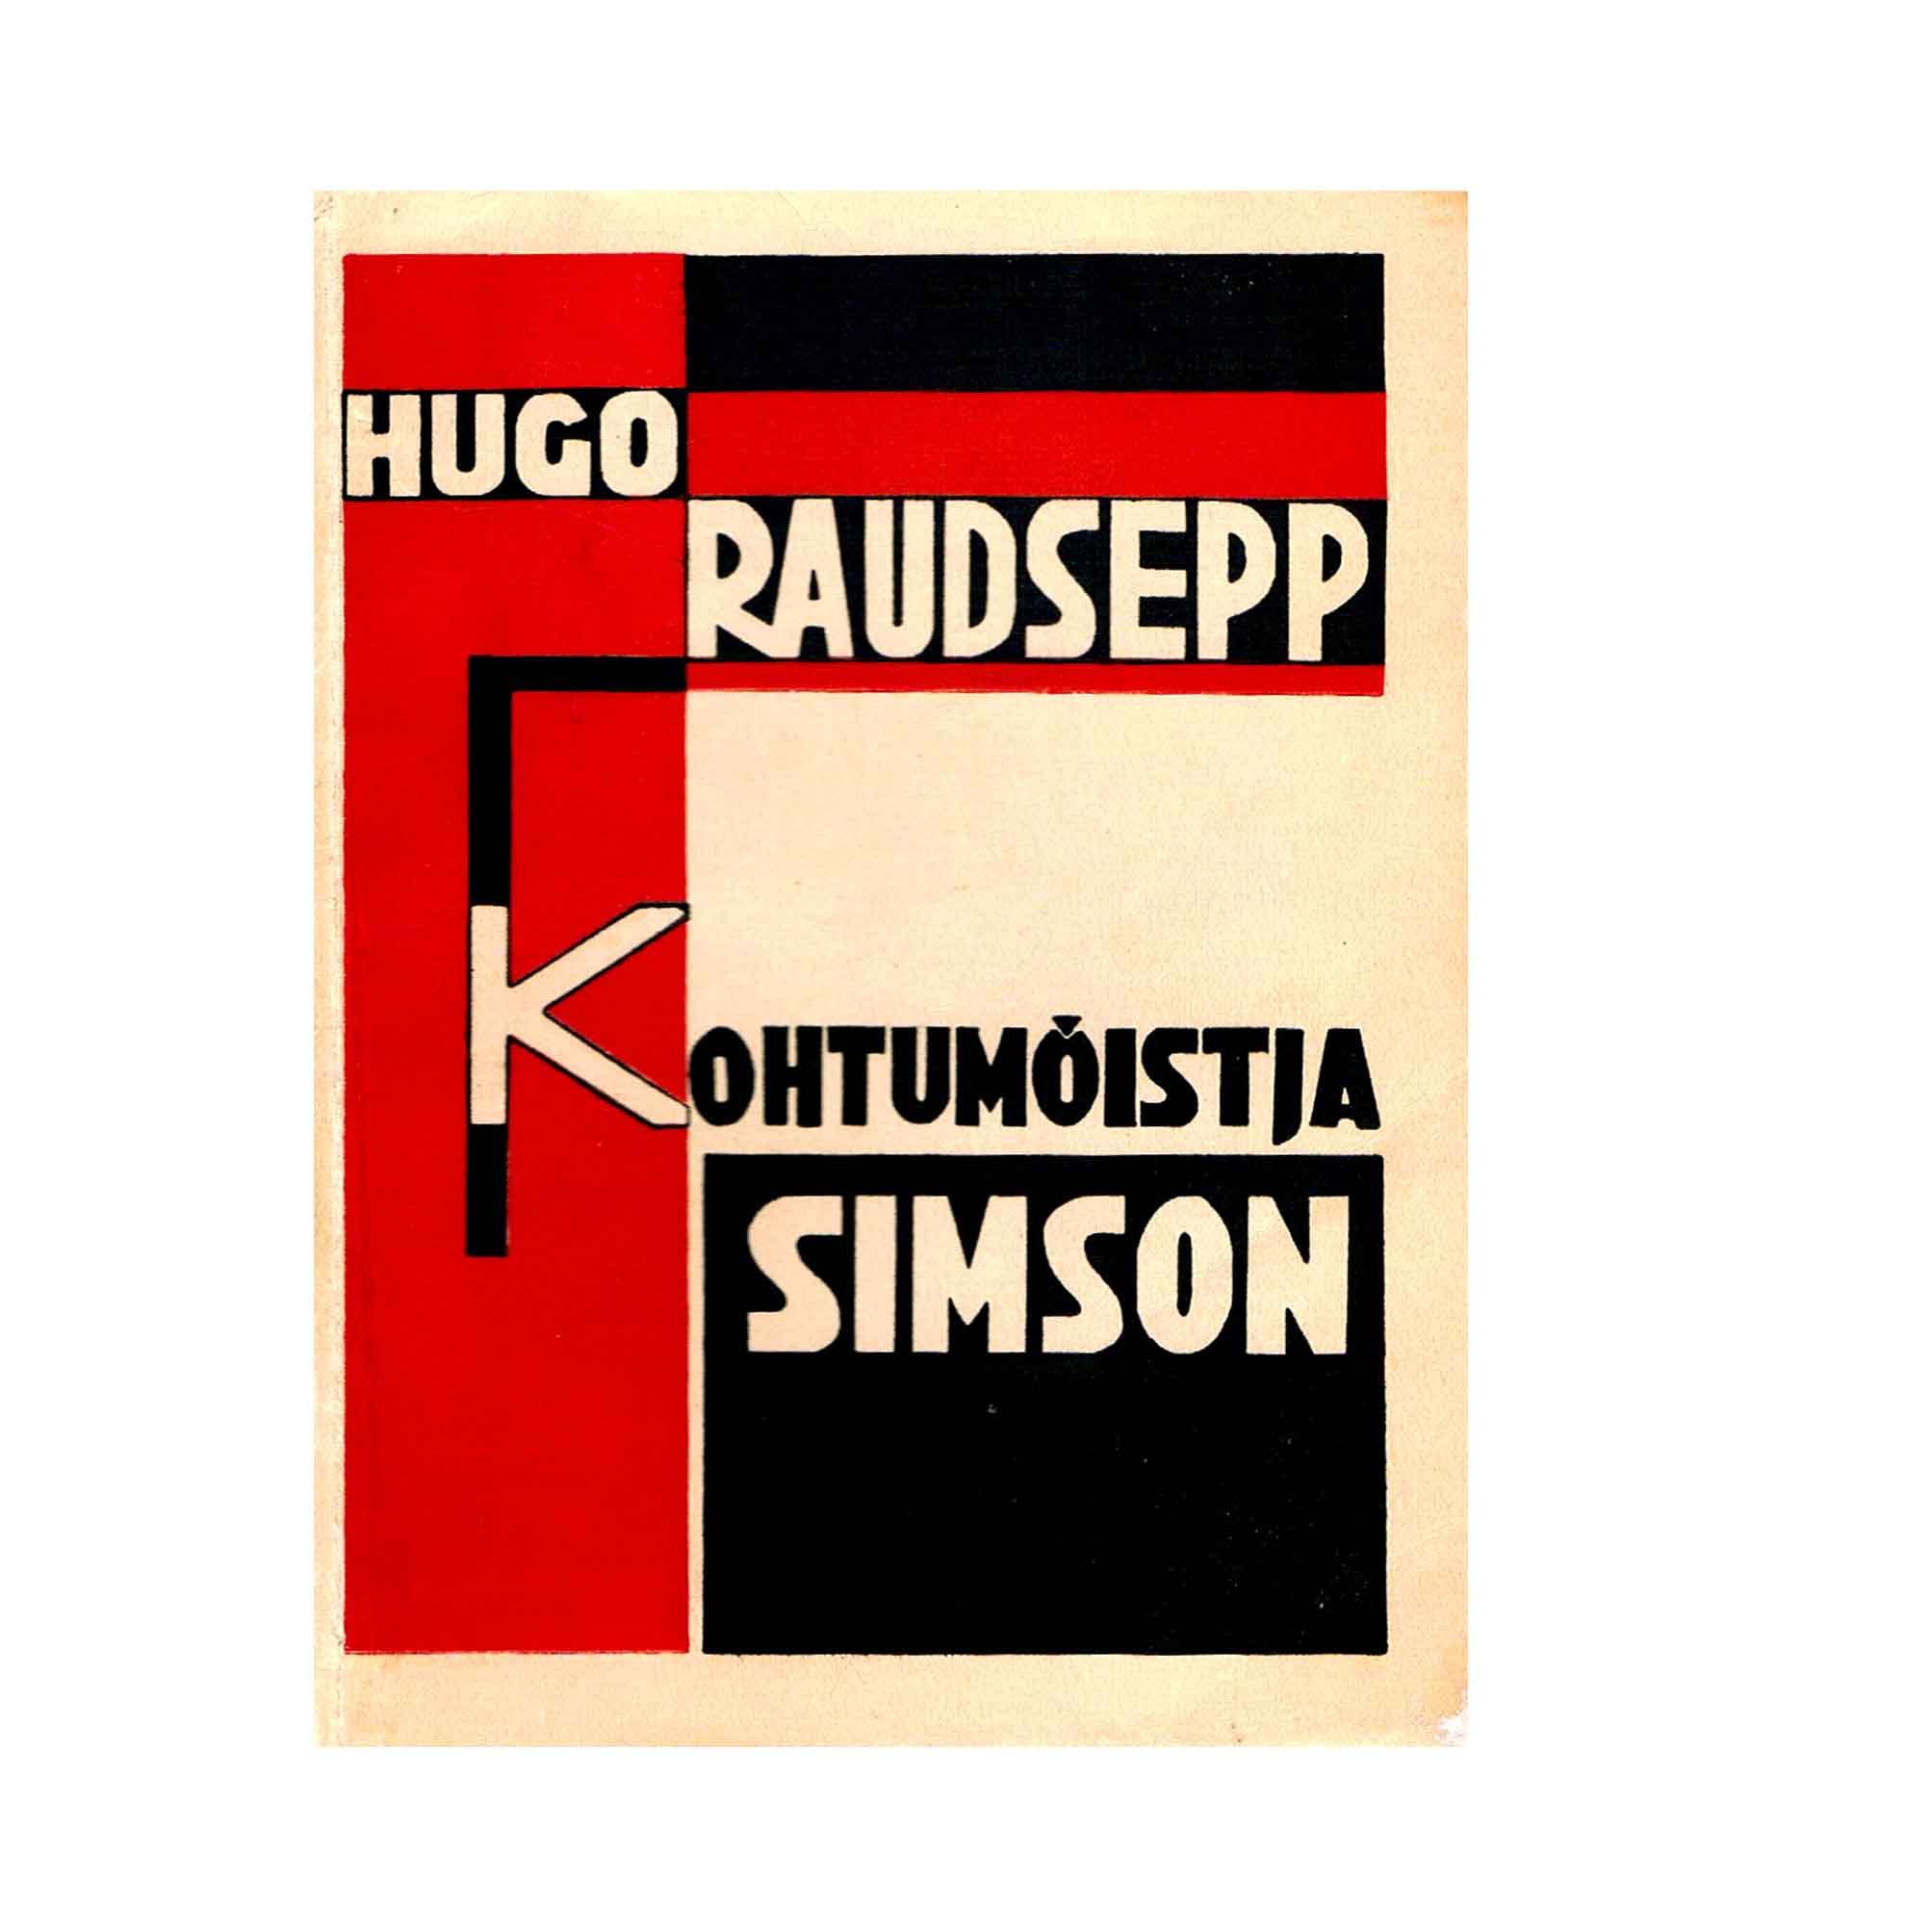 1250_Raudsepp_Laarman_Simson_1927_R_15-N